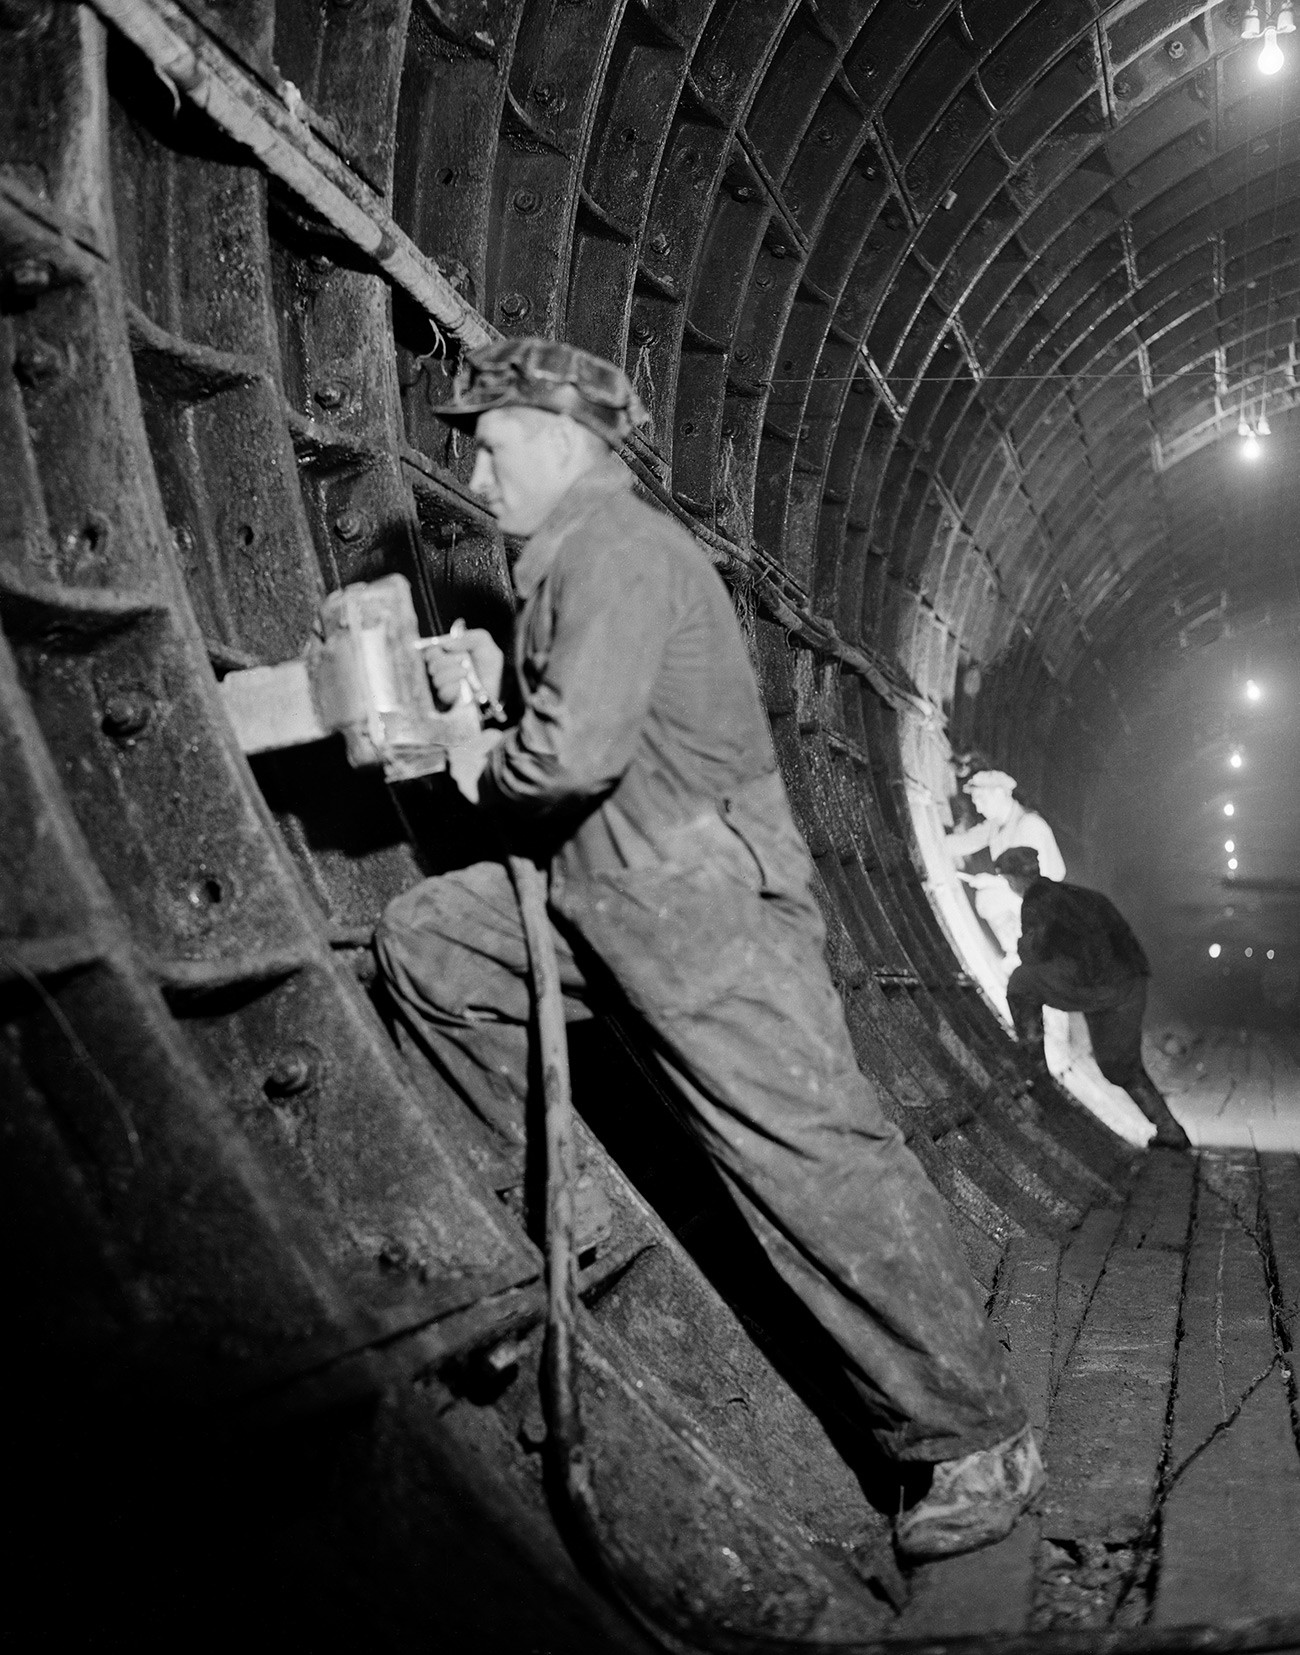 Строительство метро Арбатско-Покровской линии в Москве, 1944.